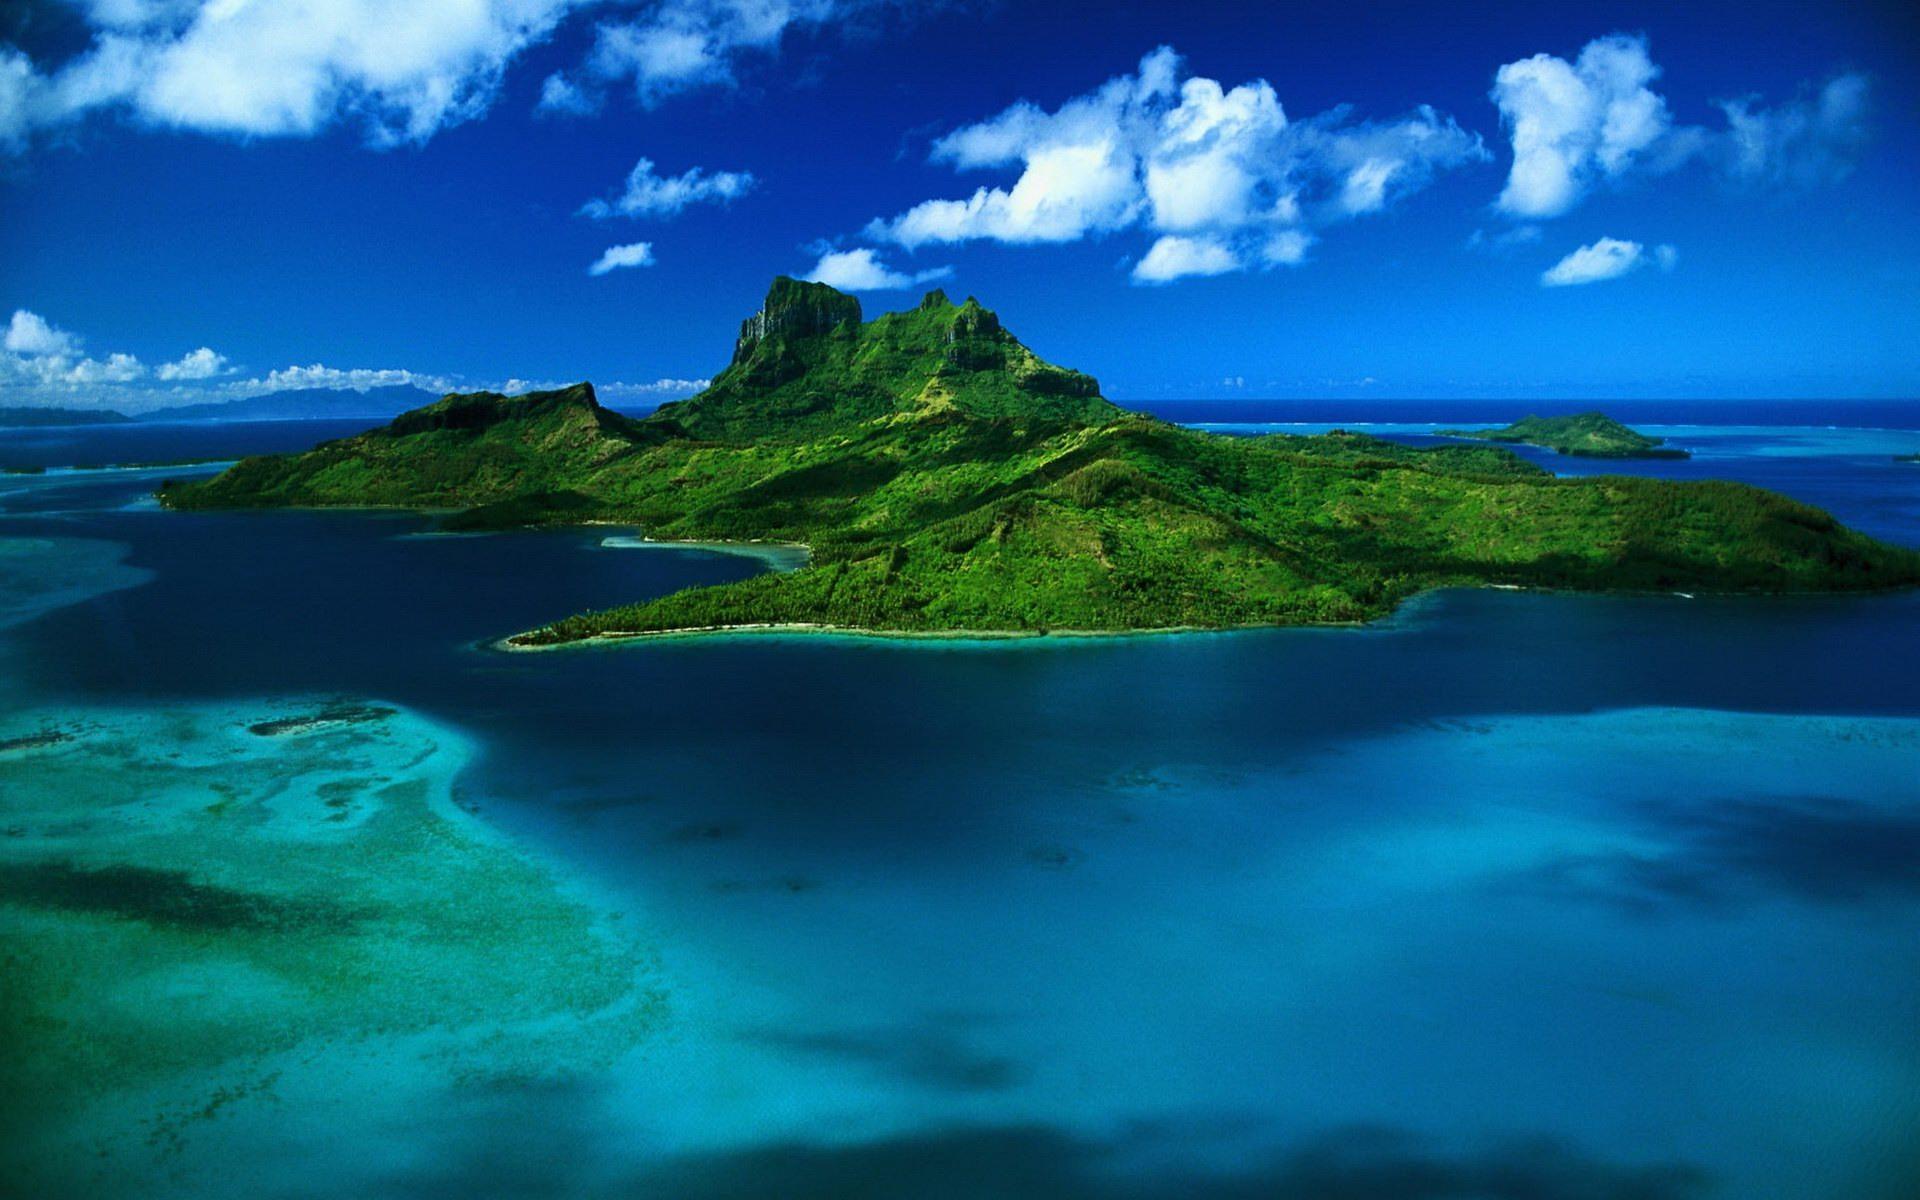 Island in the Ocean desktop wallpaper